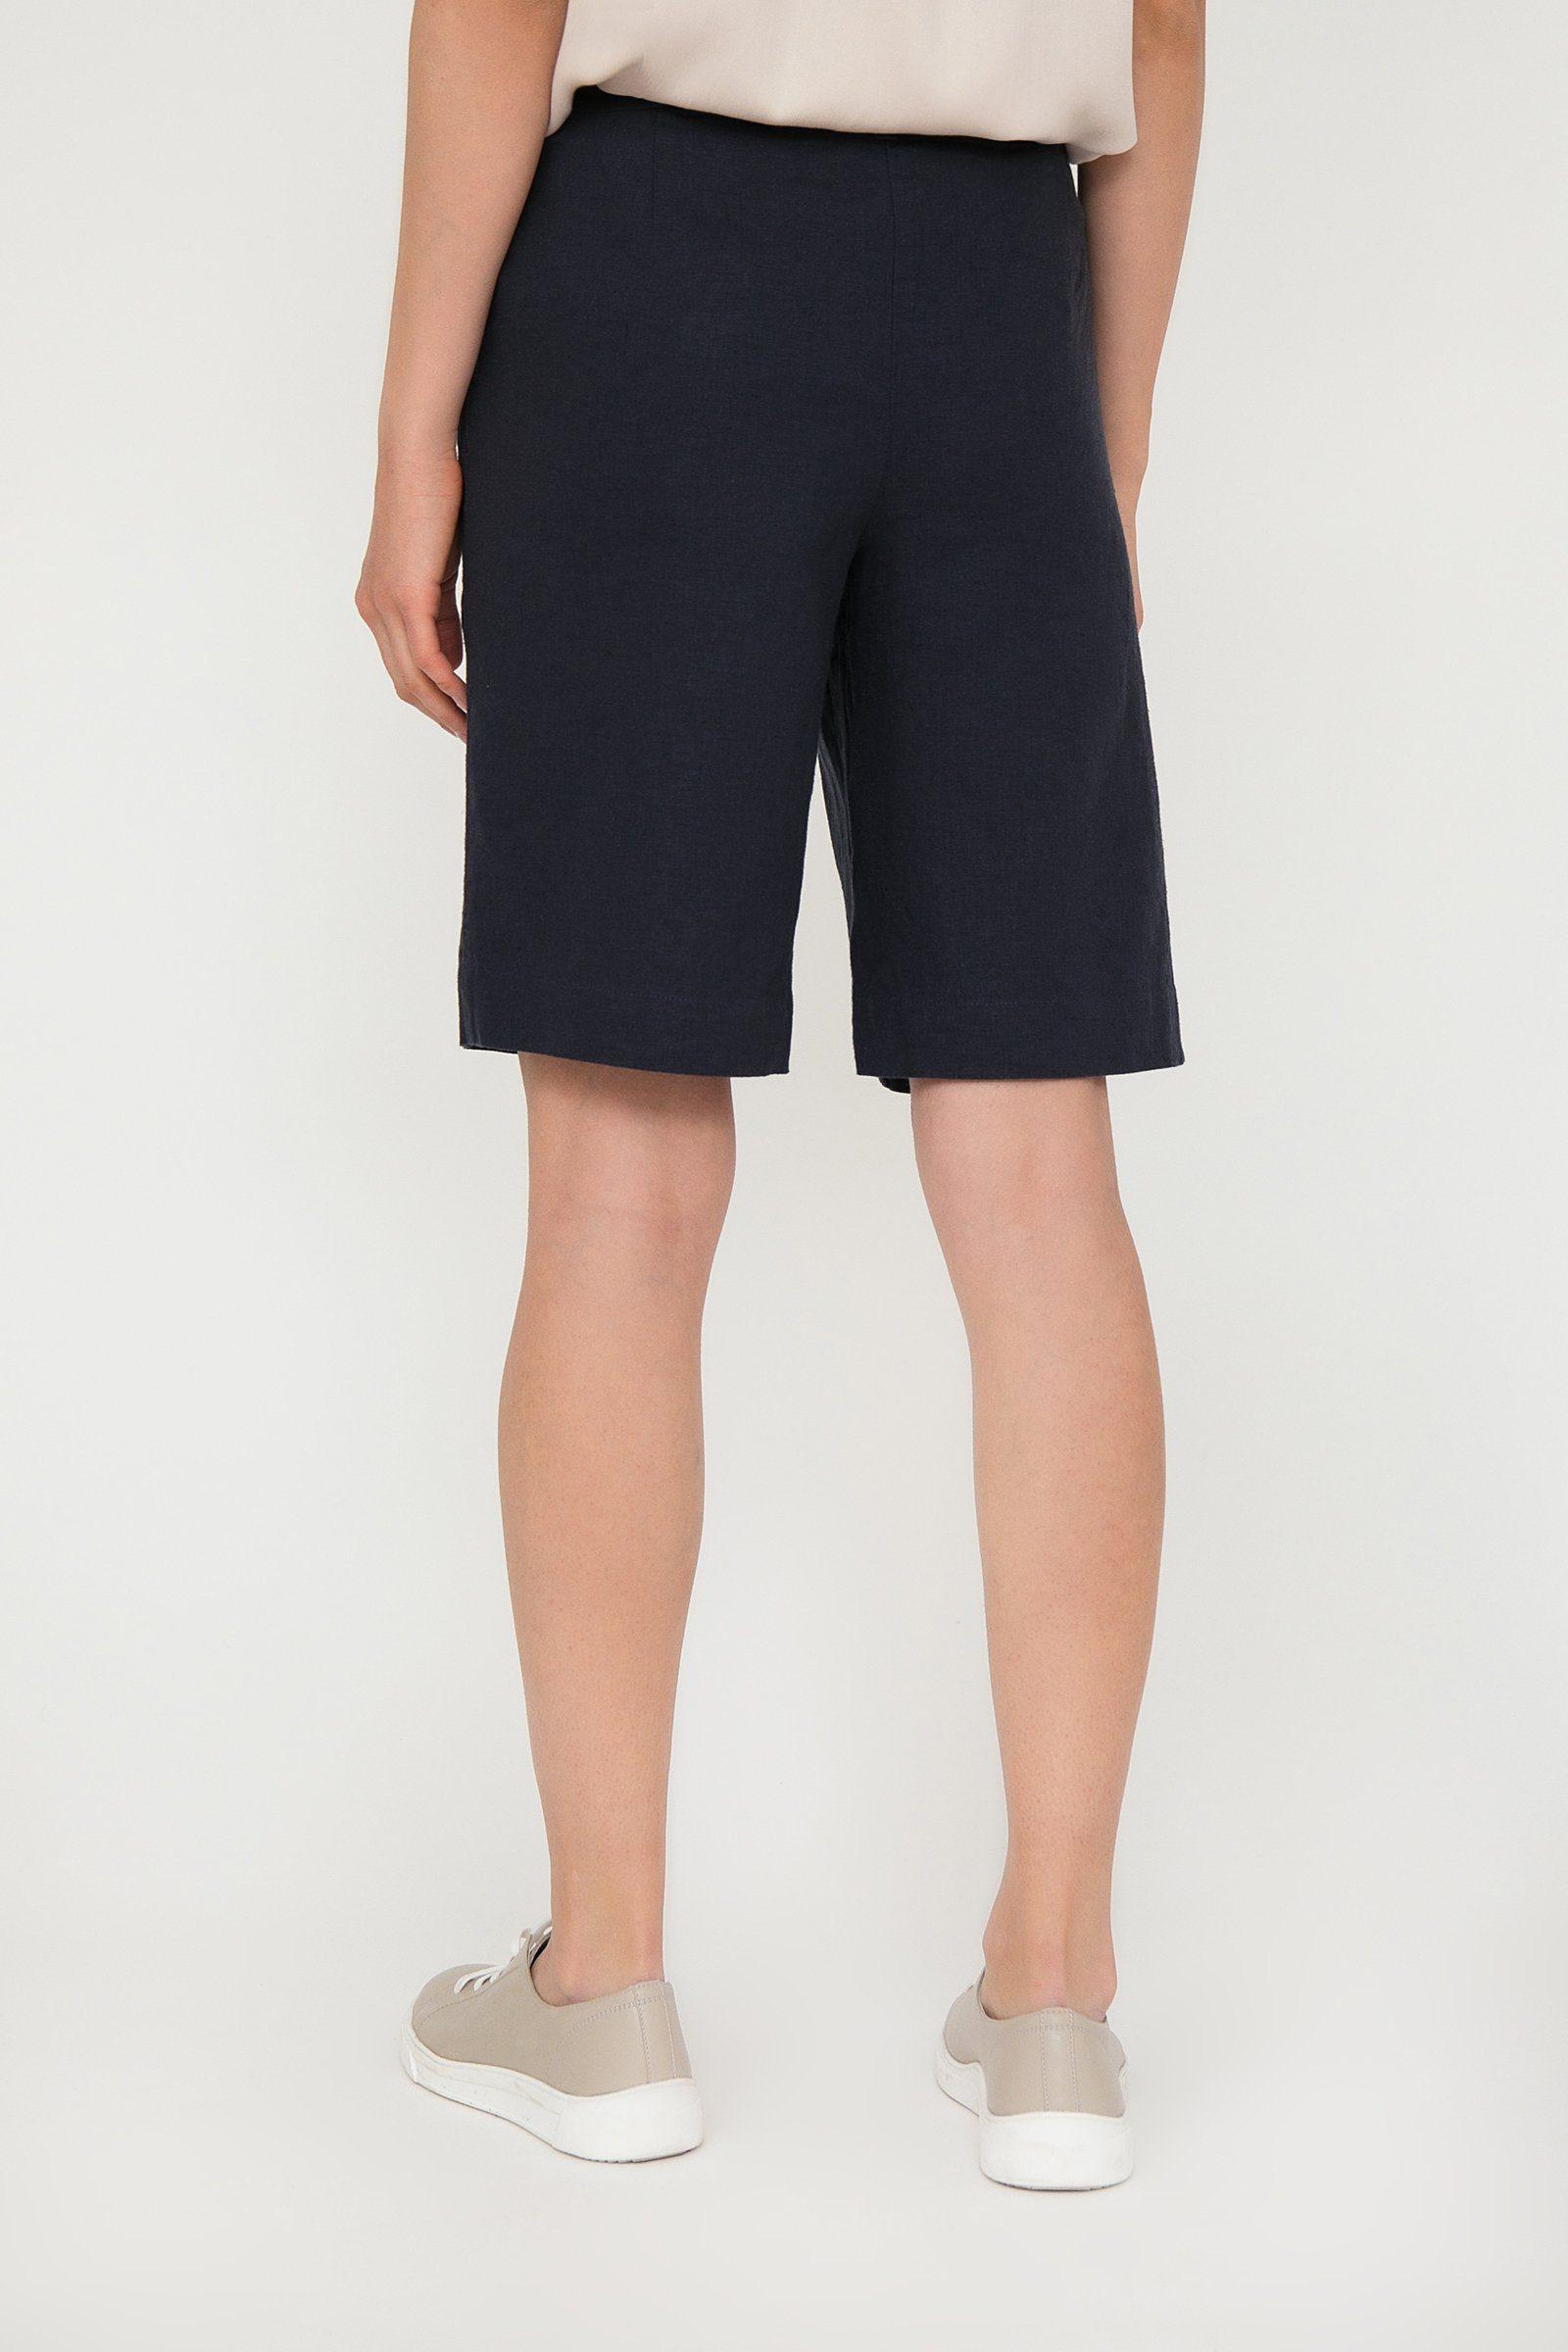 Finn Flare Shorts mit geradem Schnitt, Shorts aus Leinen und Viskose für den Sommer